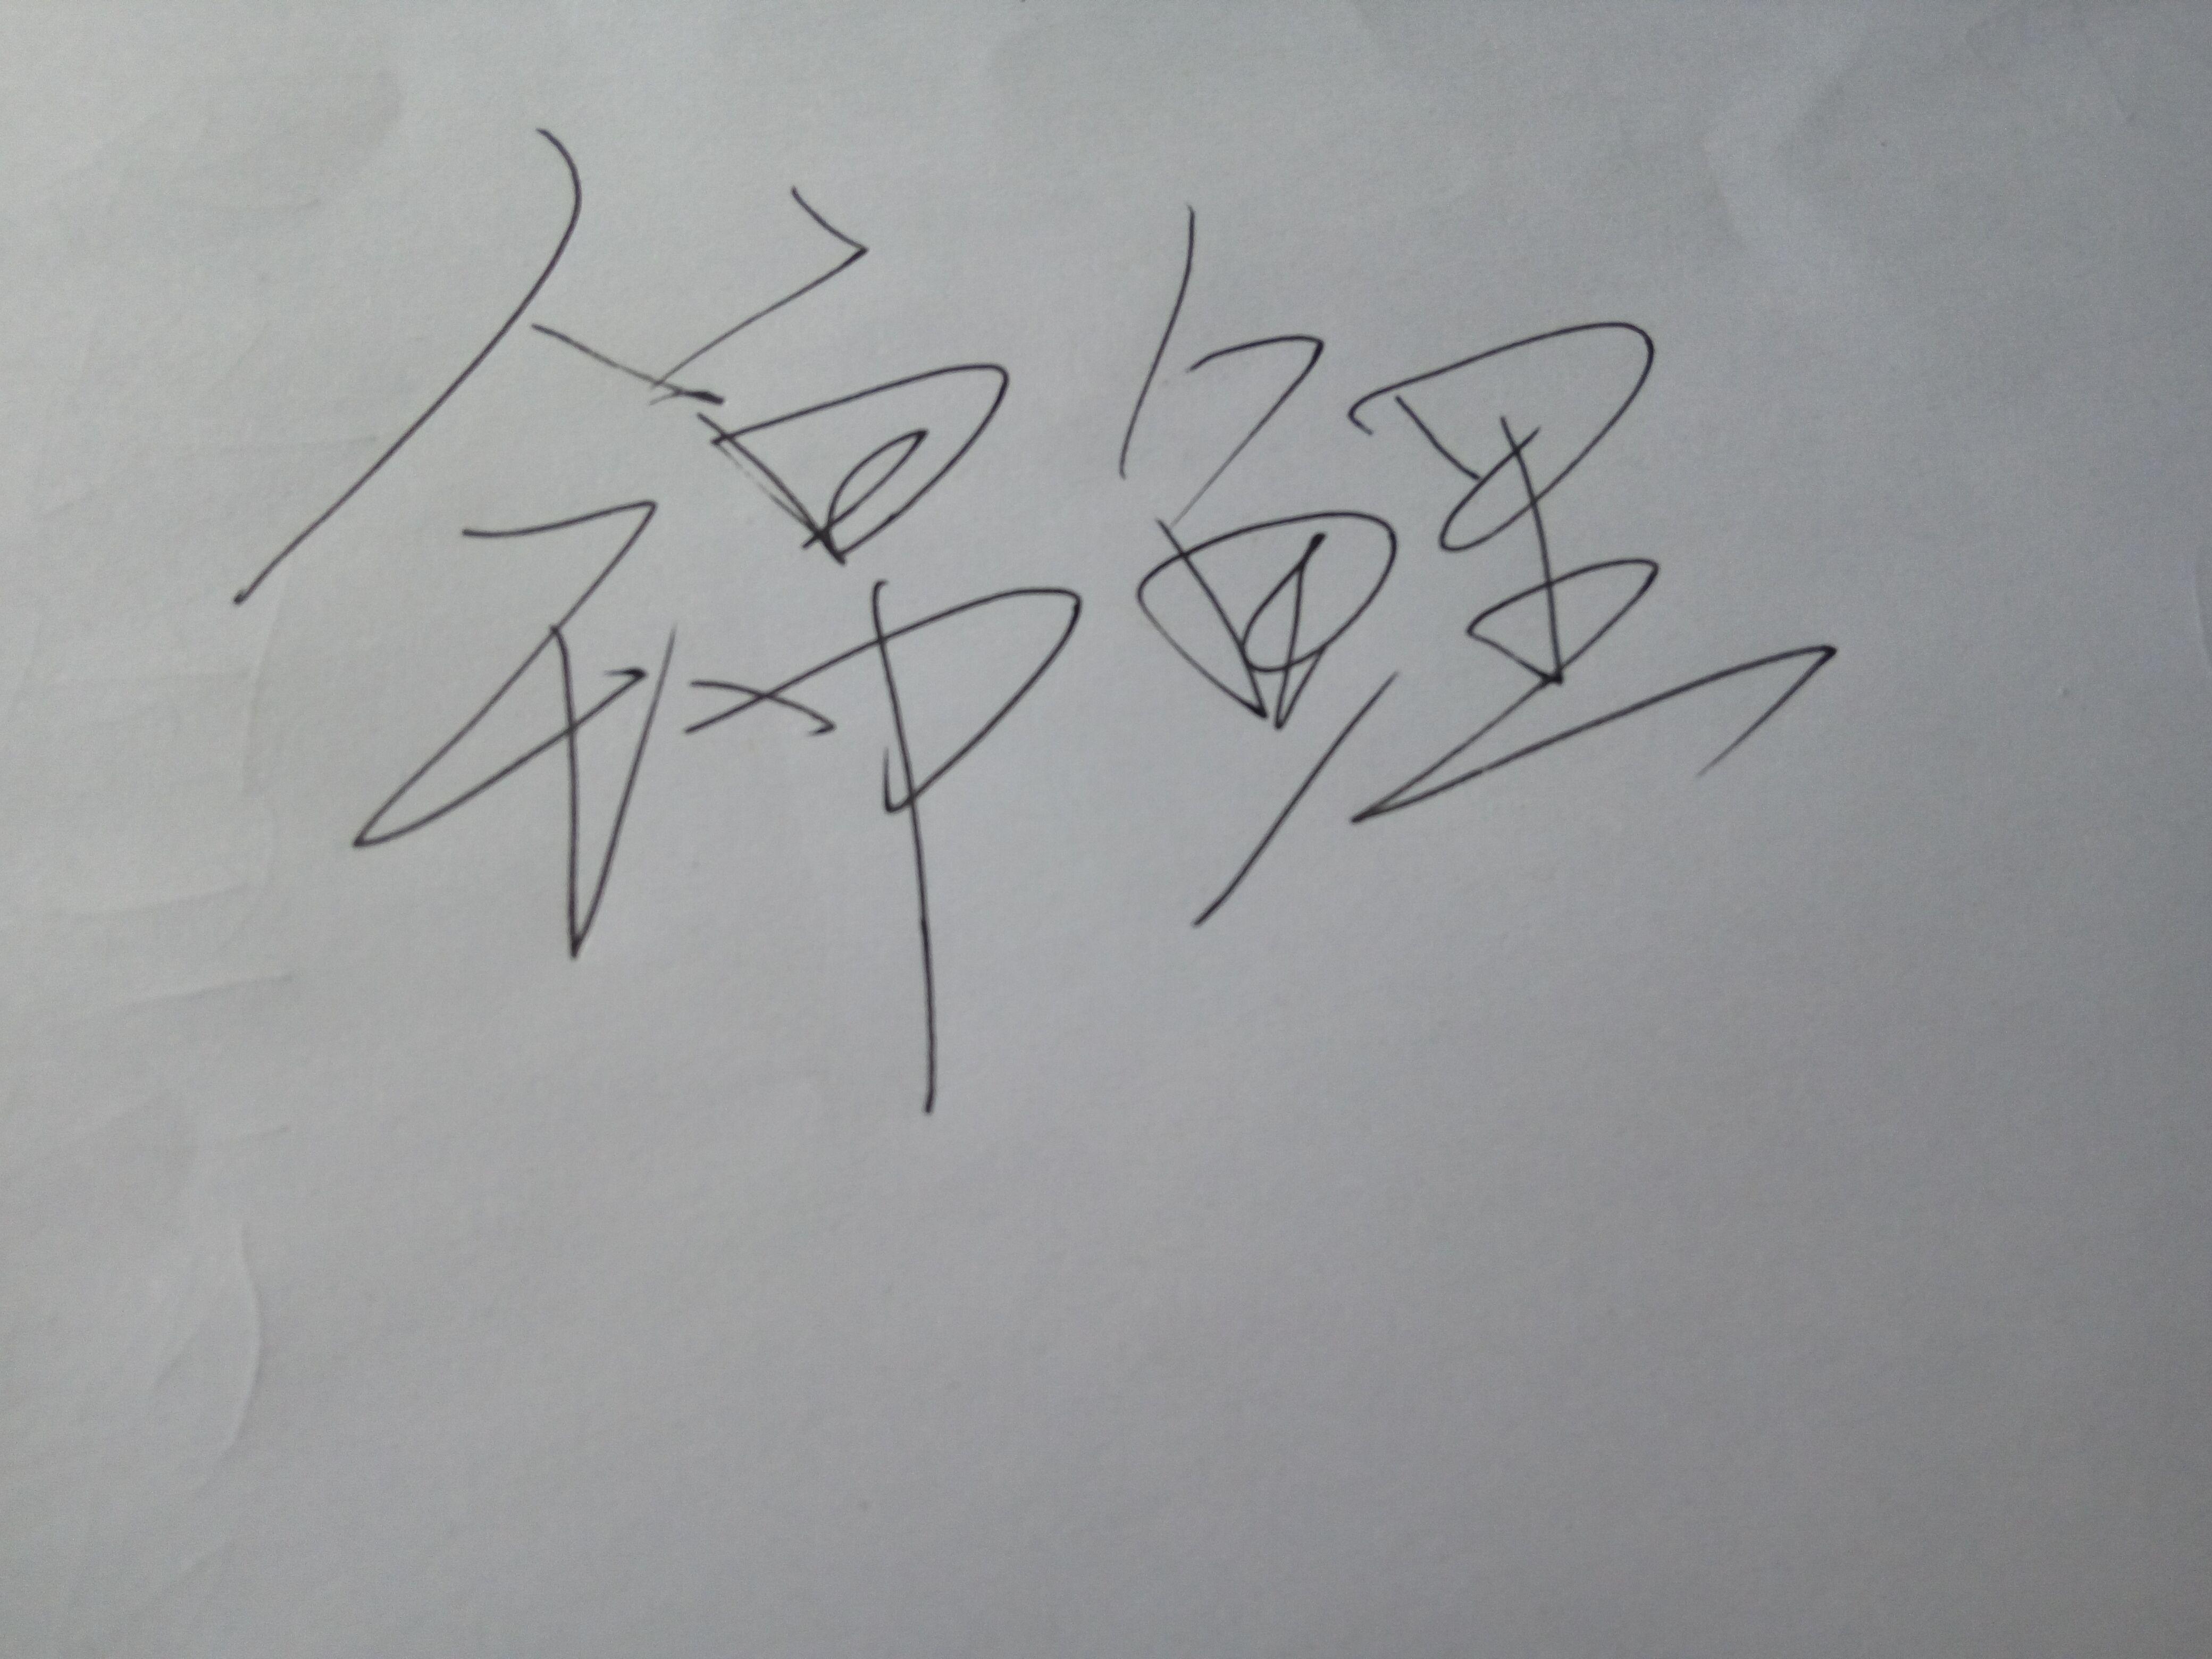 古风锦鲤手绘壁纸